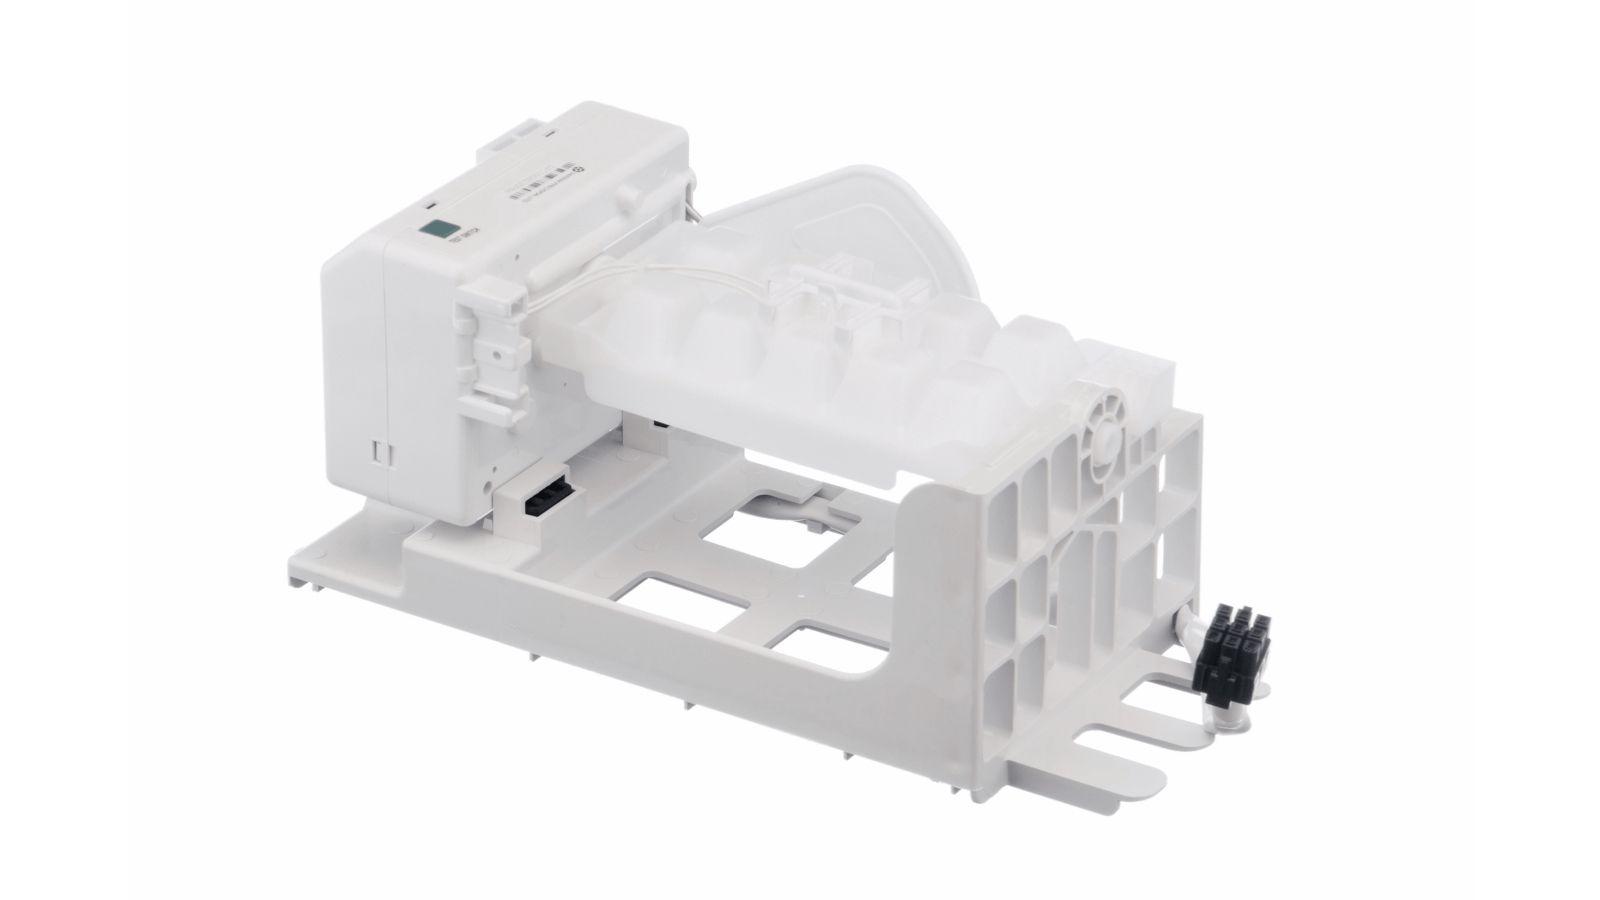 Výrobník ledu do chladničky Bosch - 00649288 BSH